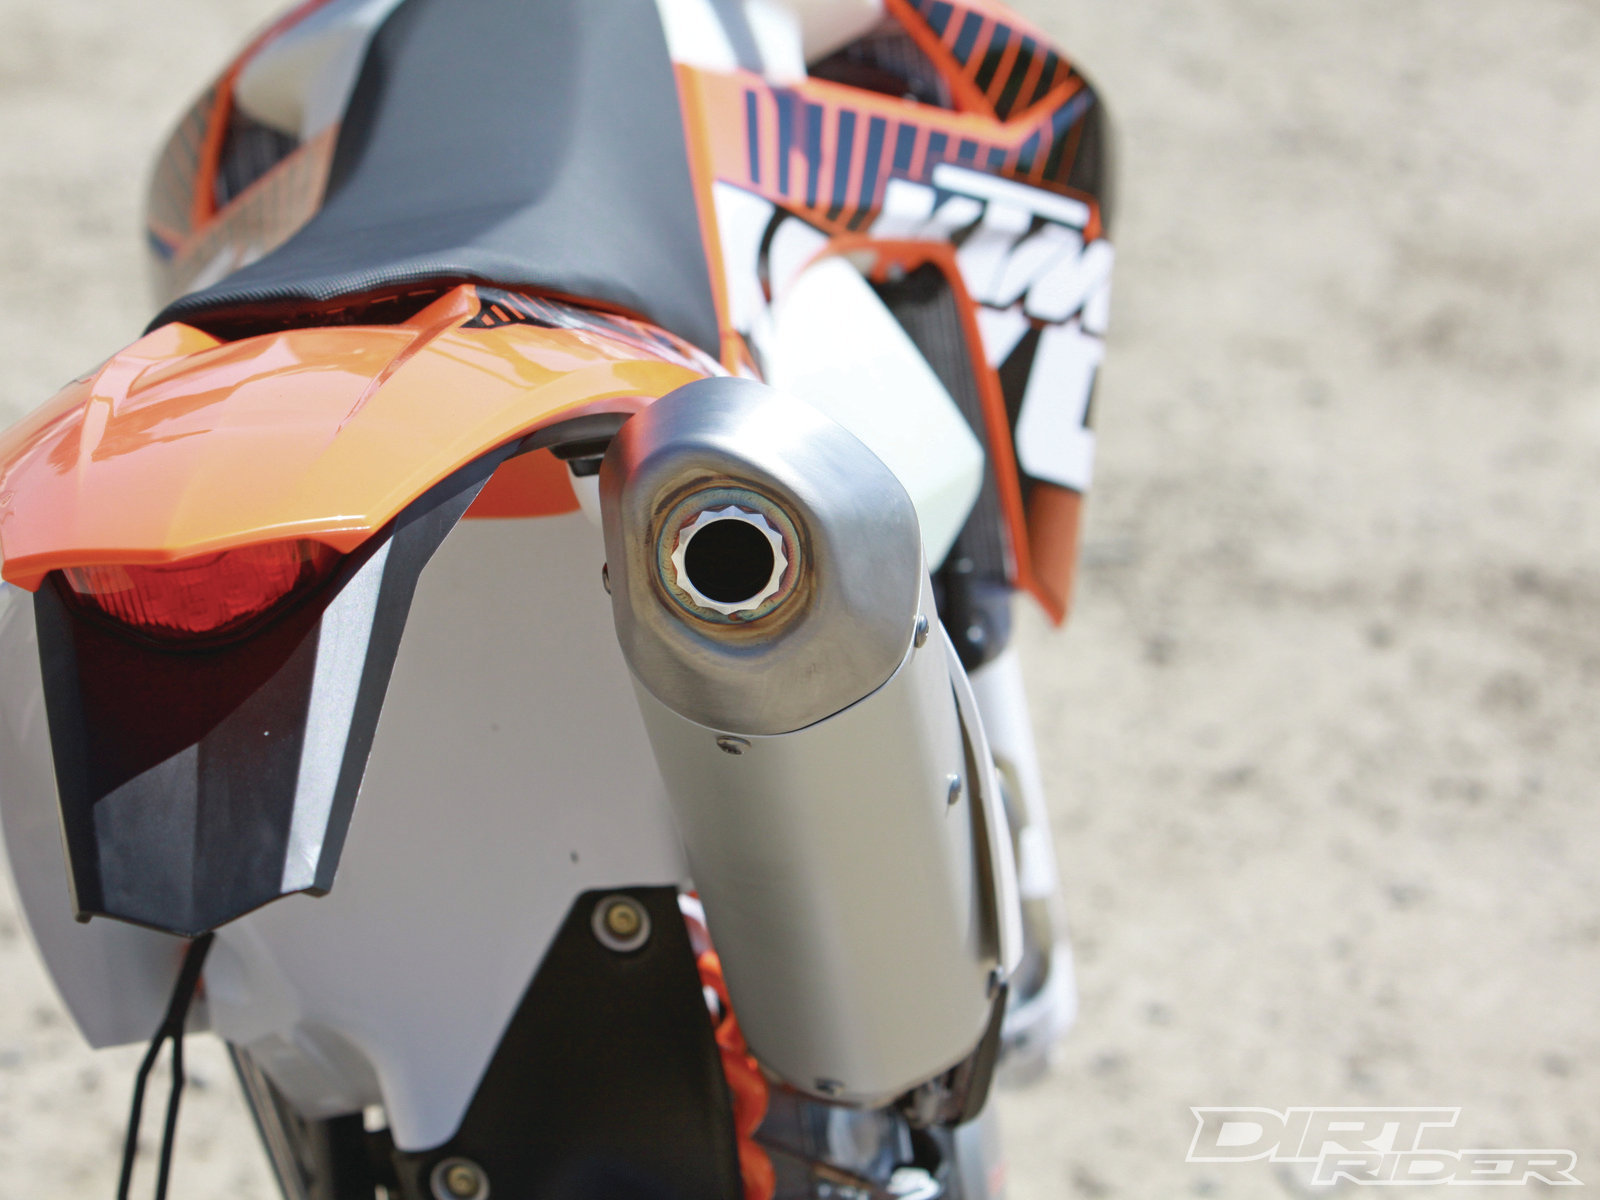 http://4.bp.blogspot.com/-Cq8xvfu-5Kg/ToolGYt7Y9I/AAAAAAAACAI/yImOqZufses/s1600/2012+KTM+450+XC-W.jpg